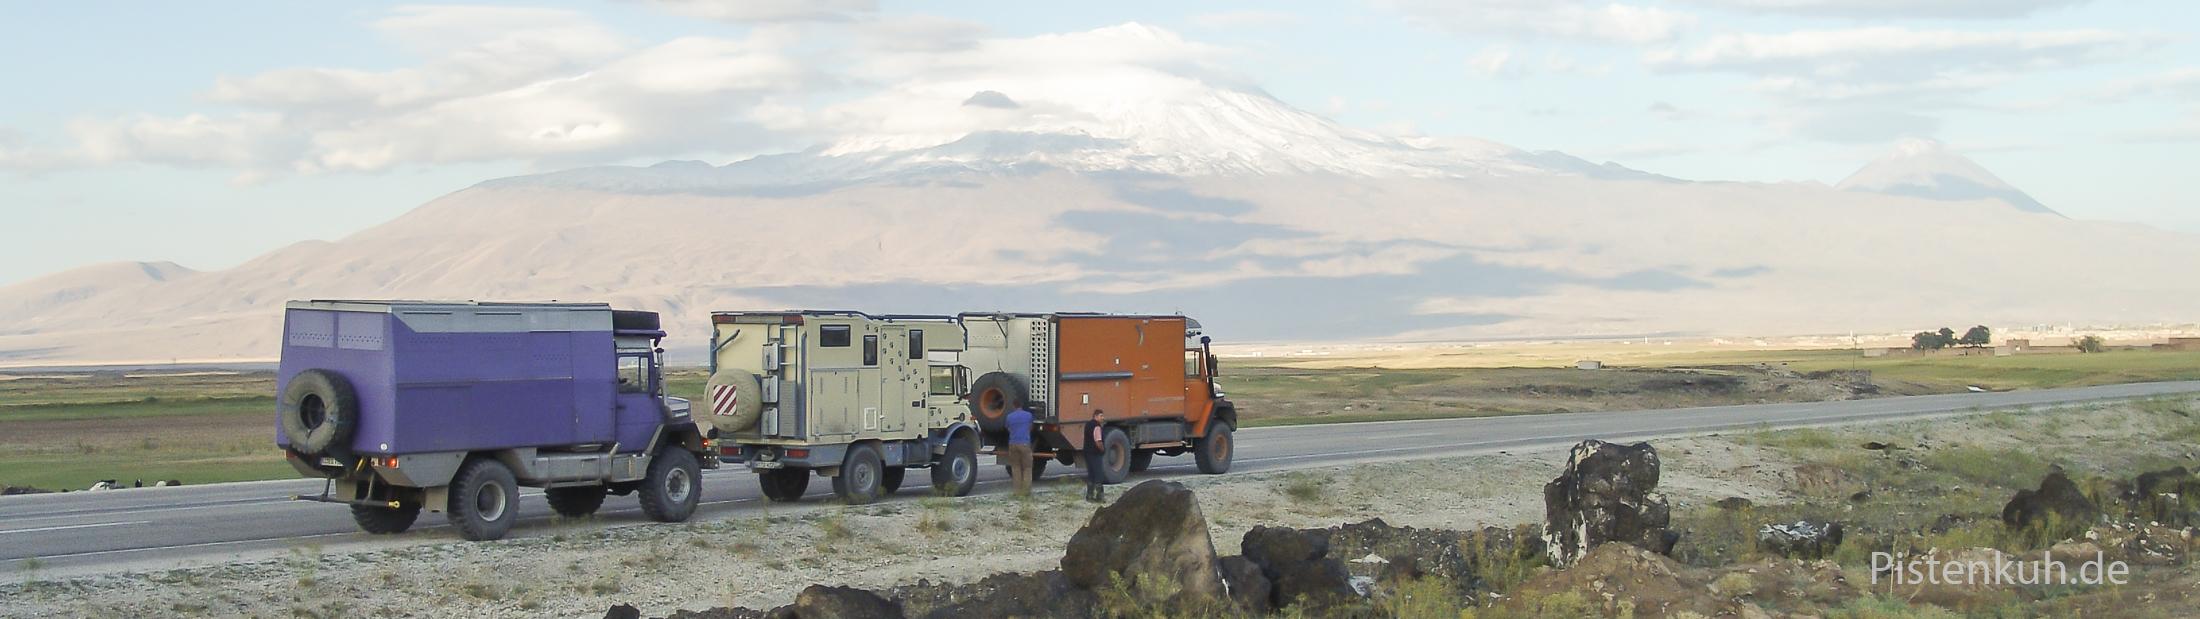 Unterwegs am Fuße des Ararat